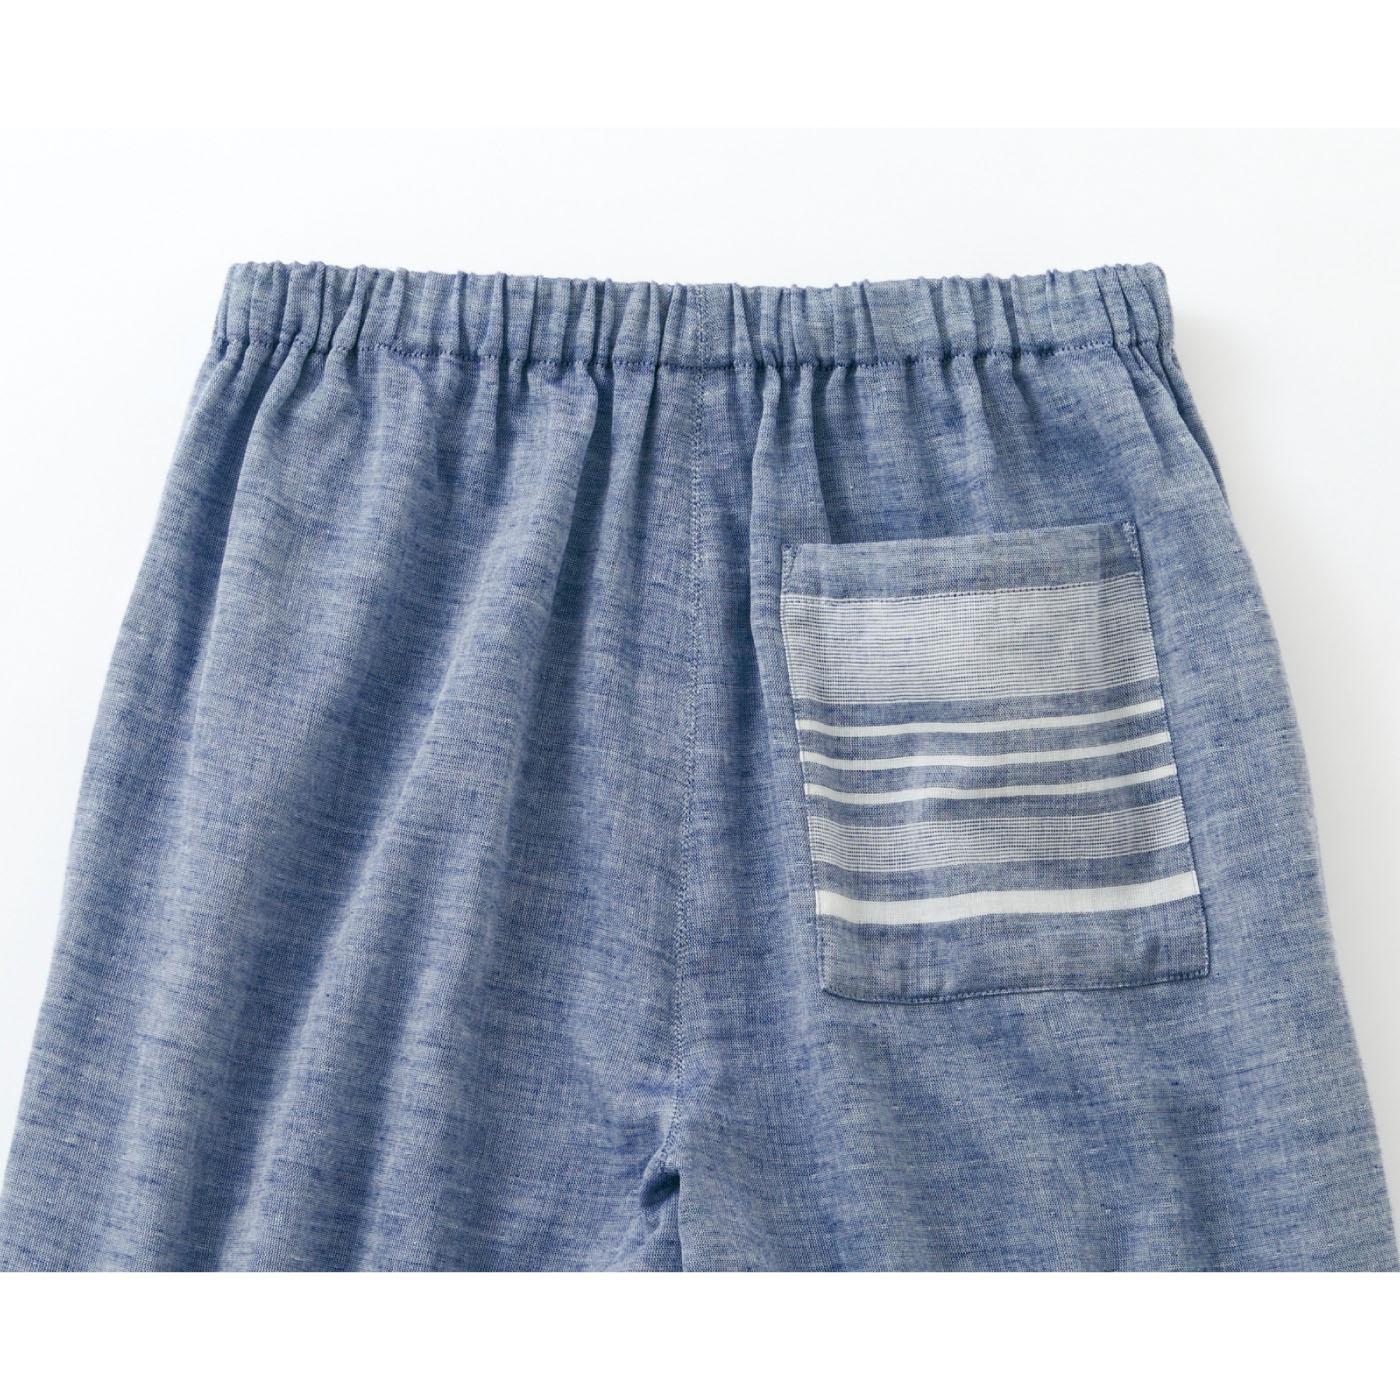 ゆったりシルエットでおしりをカバー。パンツの後ろにはトップスと共布のボーダー生地を使用したポケットが便利でかわいい。